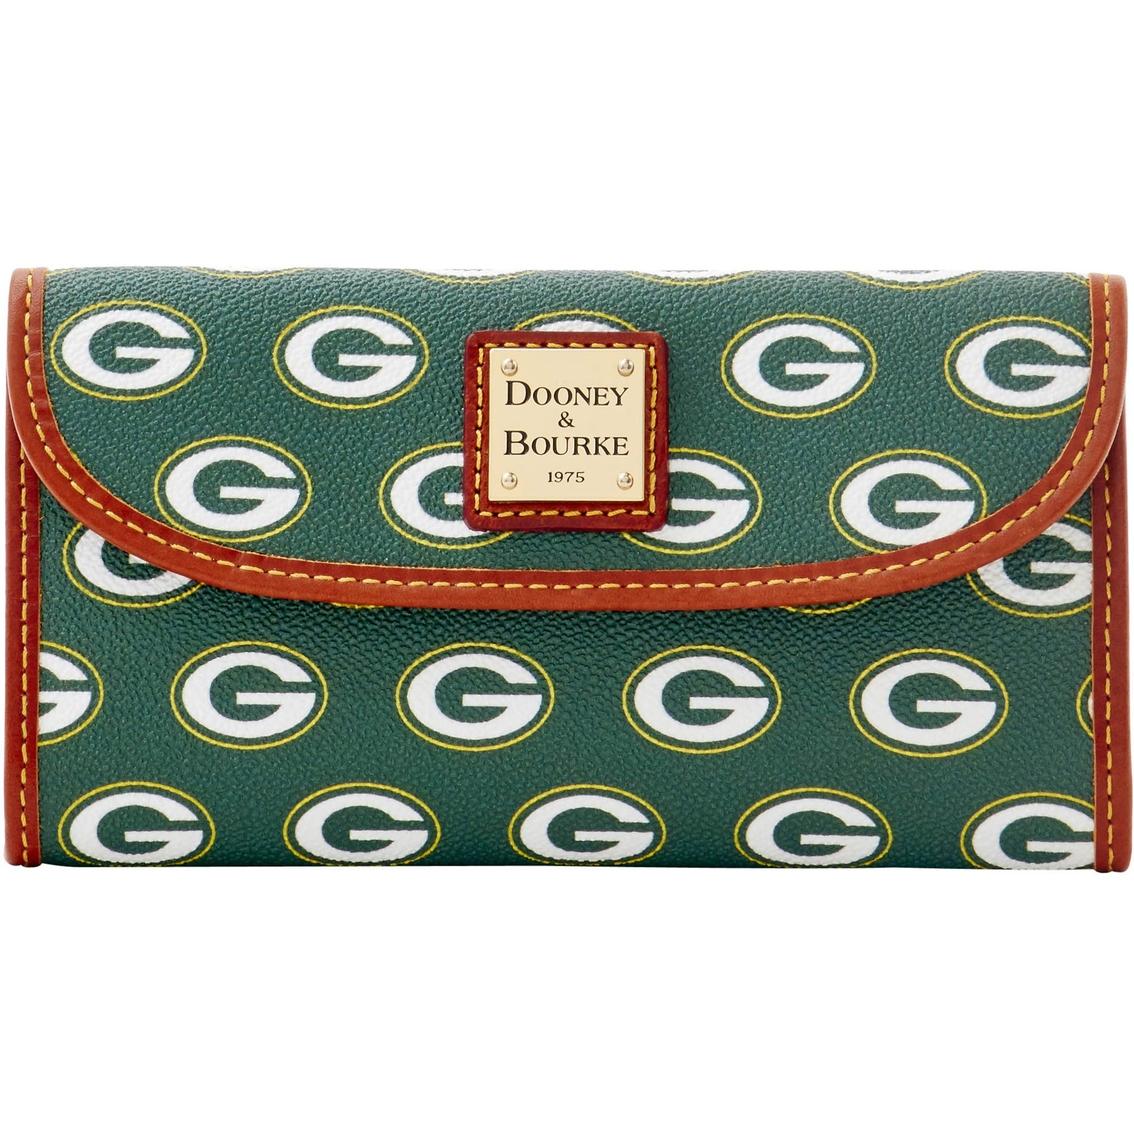 Dooney & Bourke Nfl Green Bay Packers Wallet | Wallets | Gifts ...